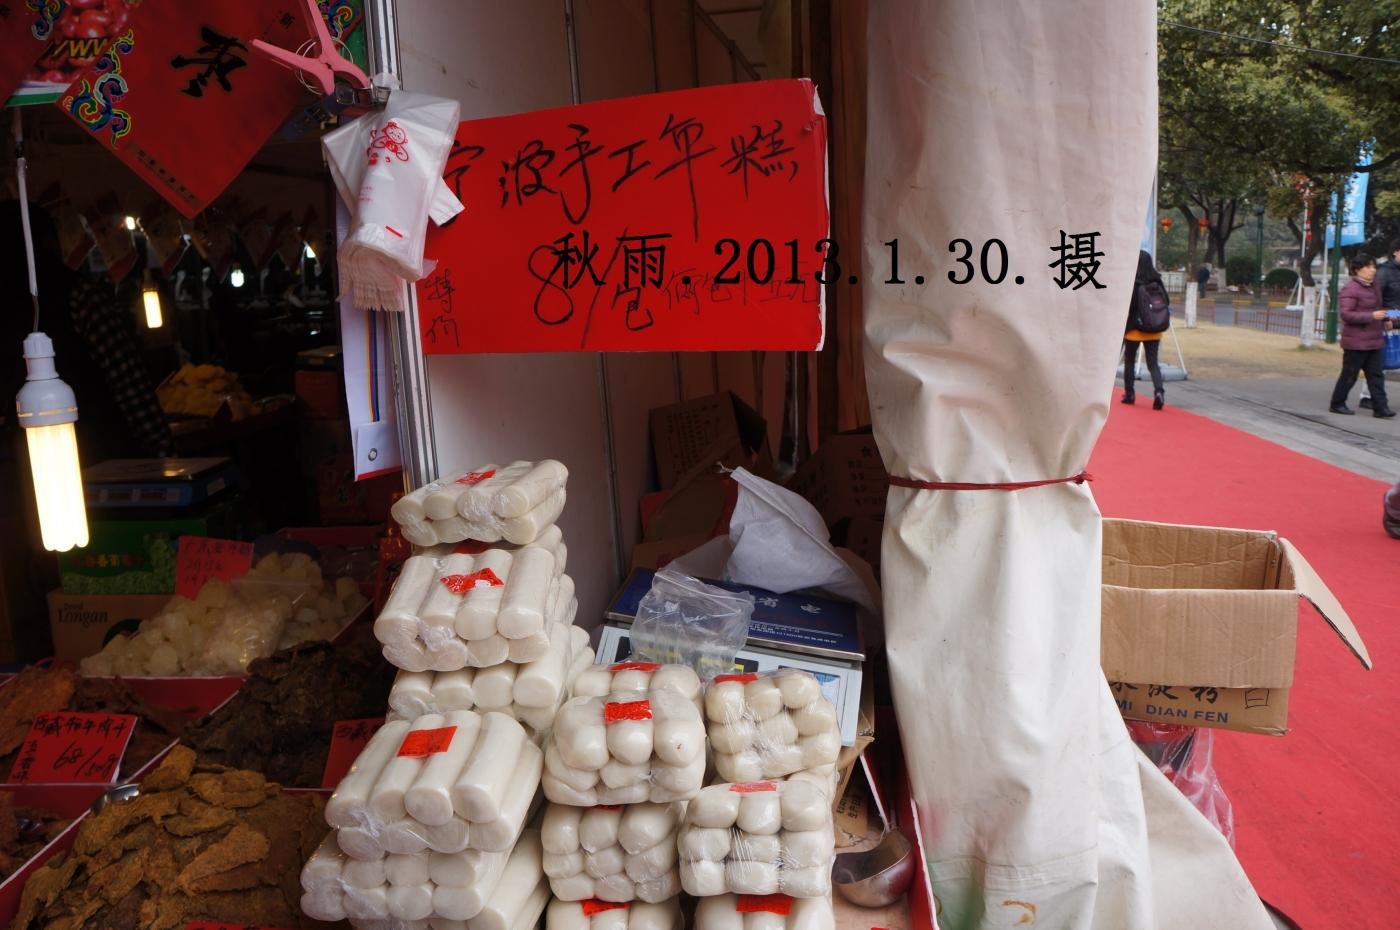 迎新春年货展销会(摄影原创)_图1-37